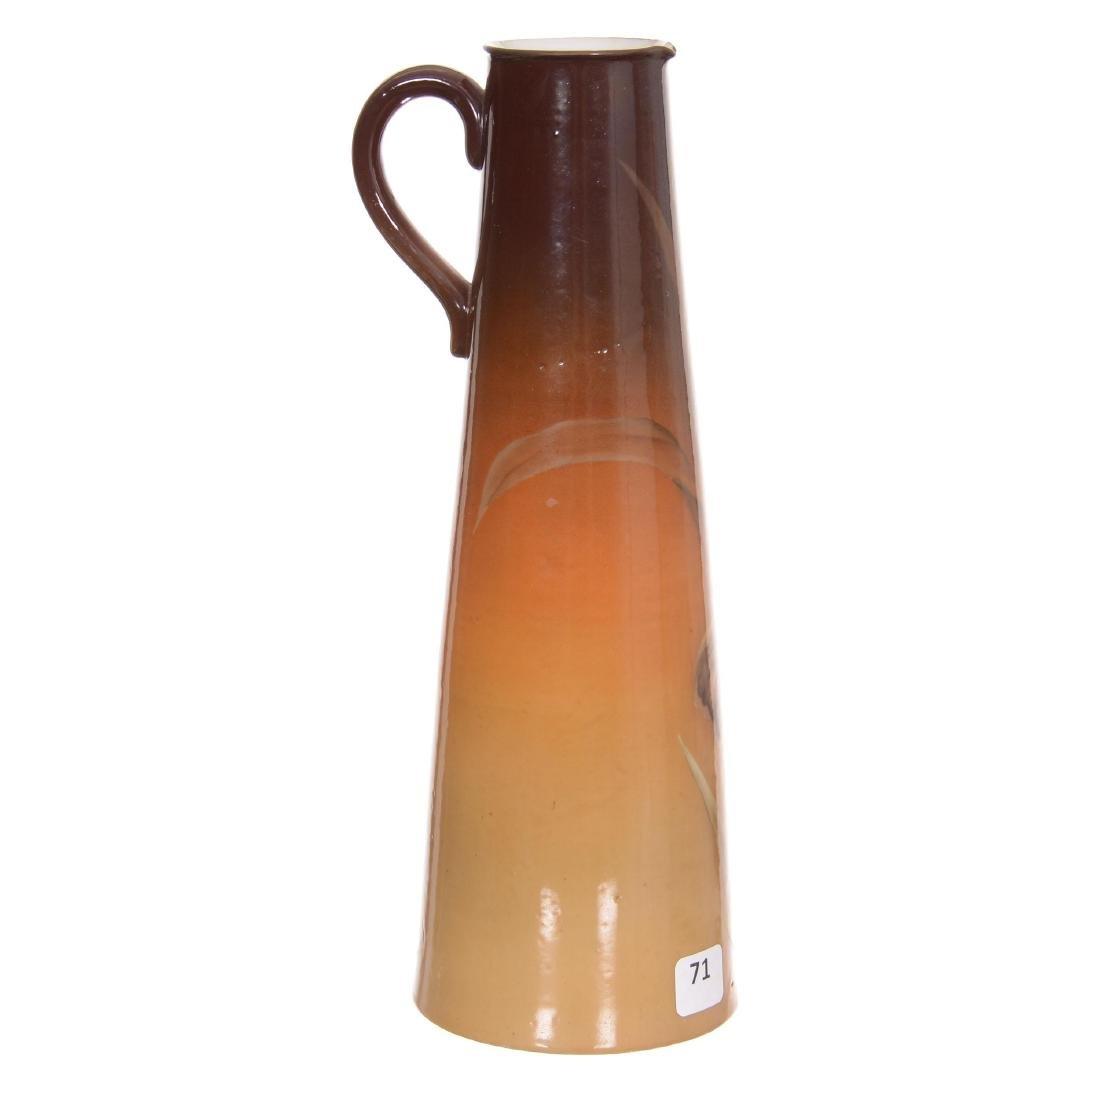 Handled Porcelain Tankard, Unmarked - 2